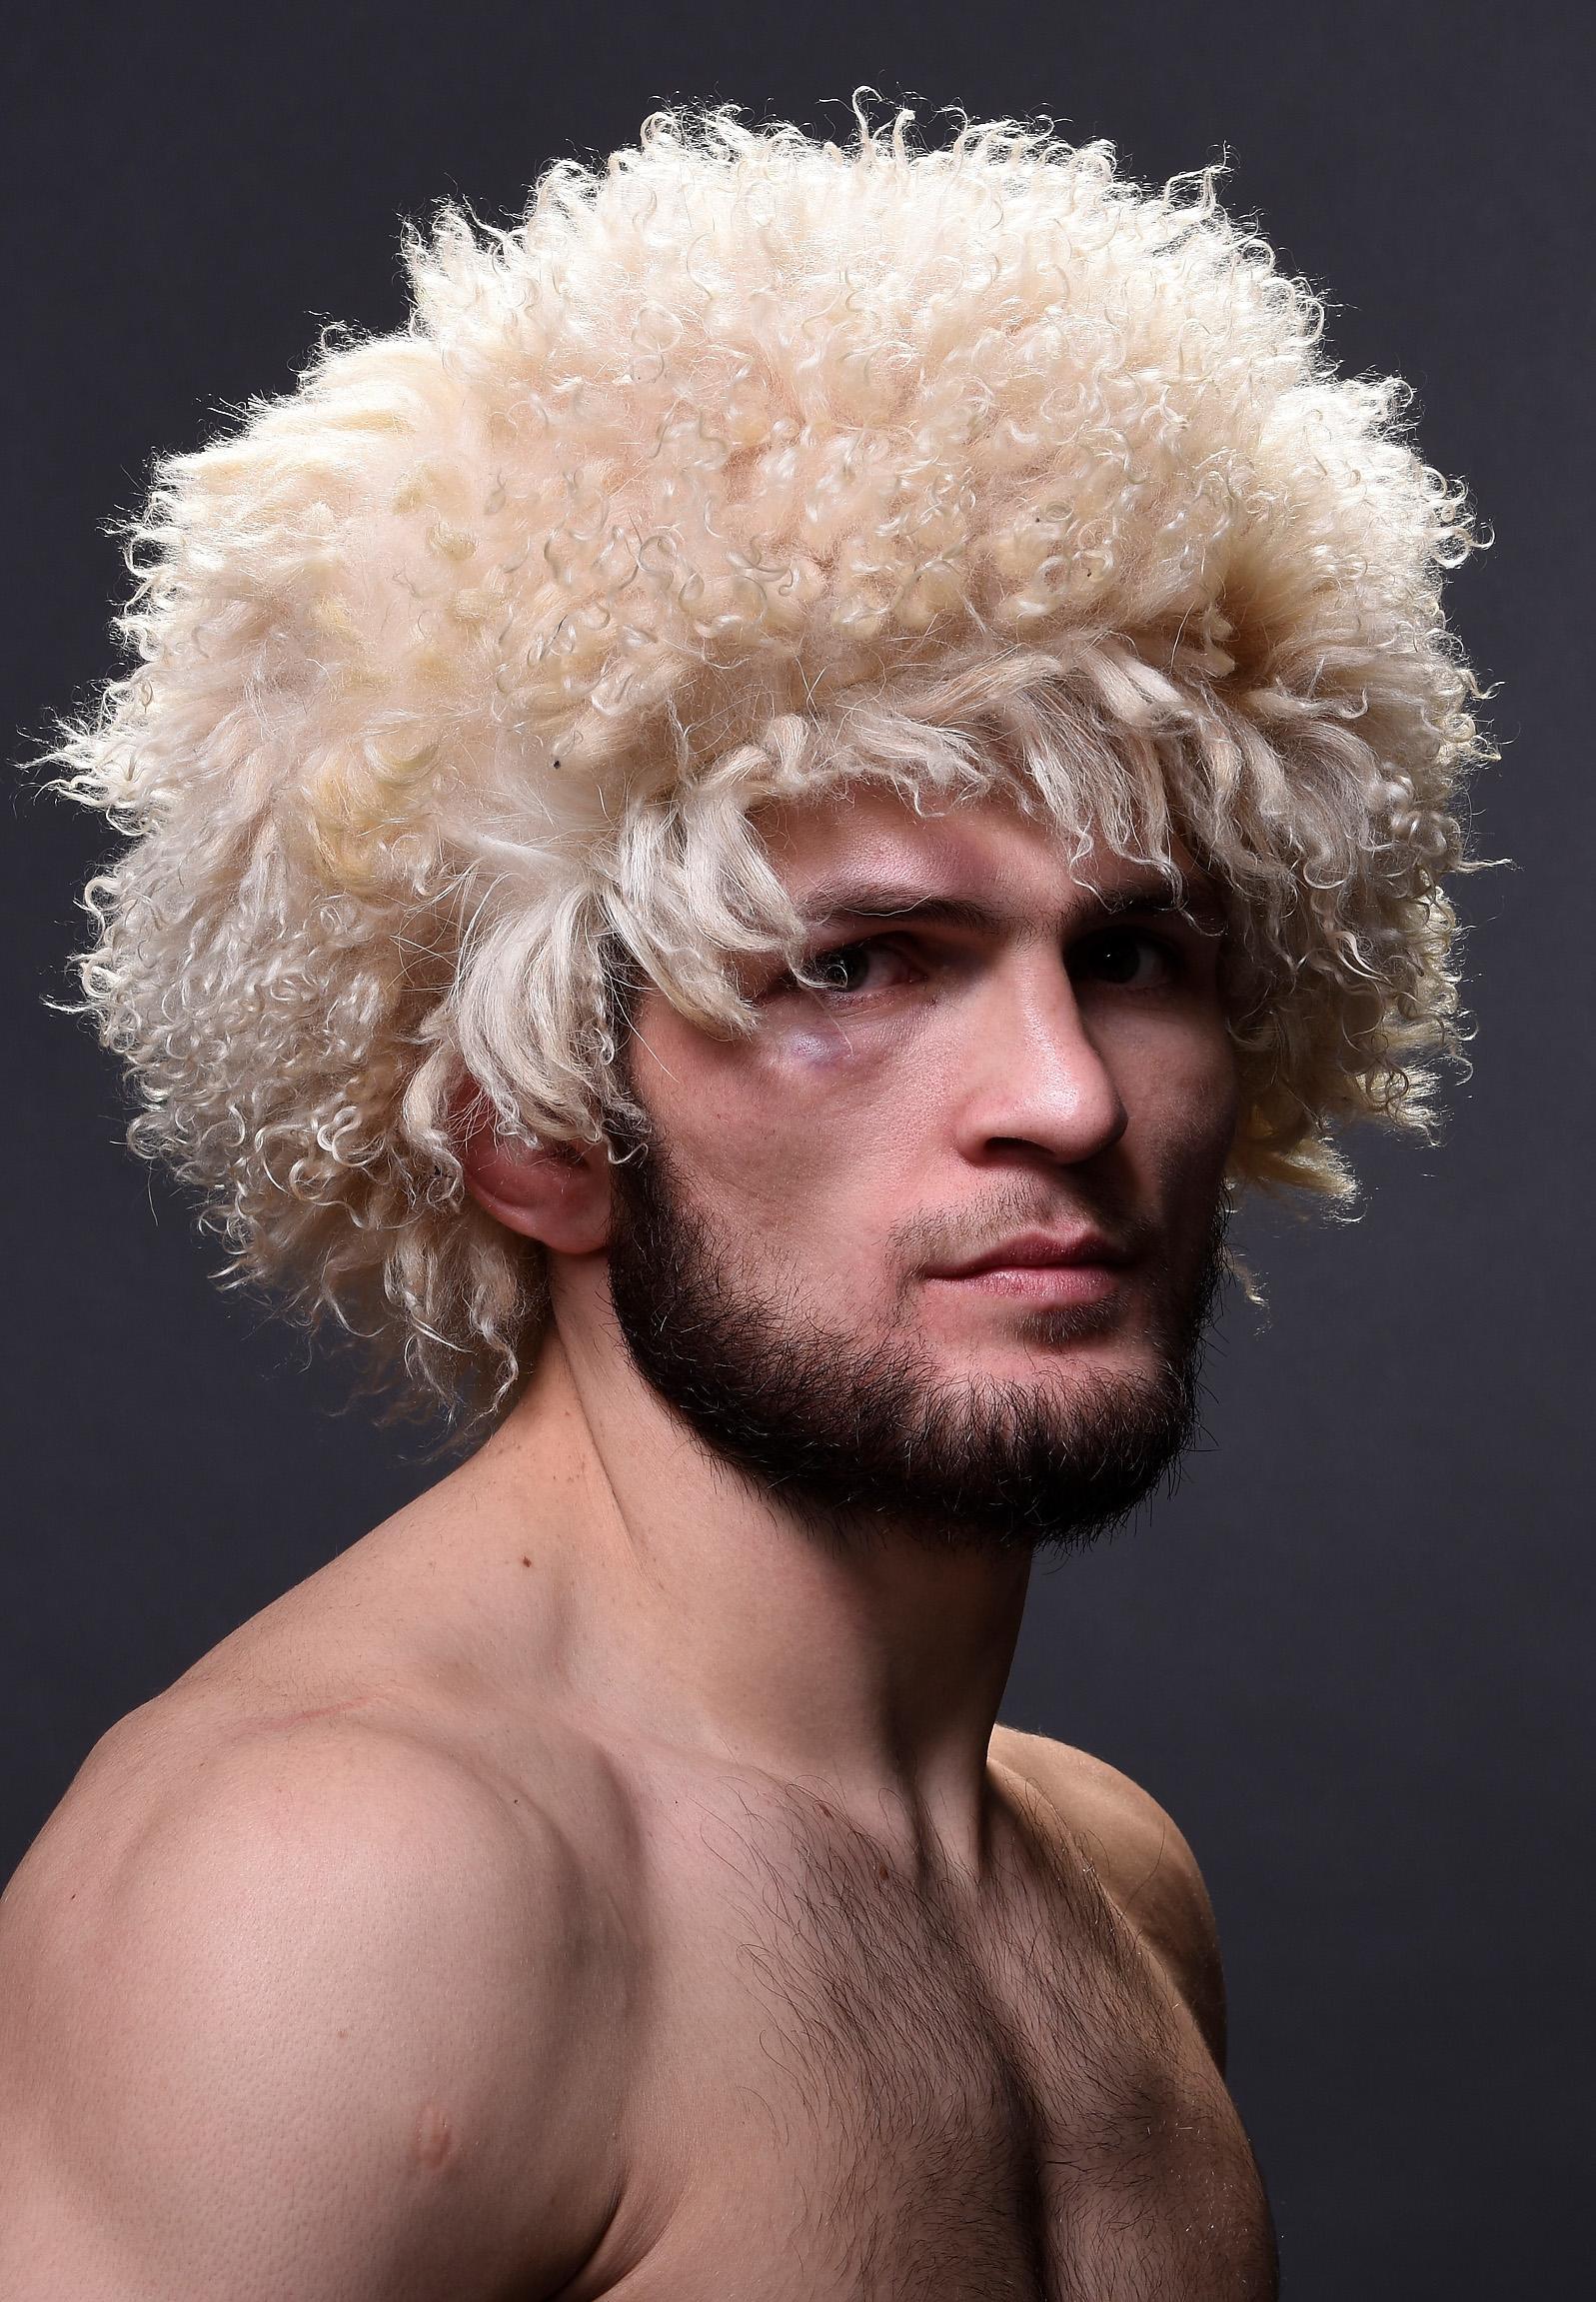 McGregor will fight Khabib Nurmagomedov on October 6